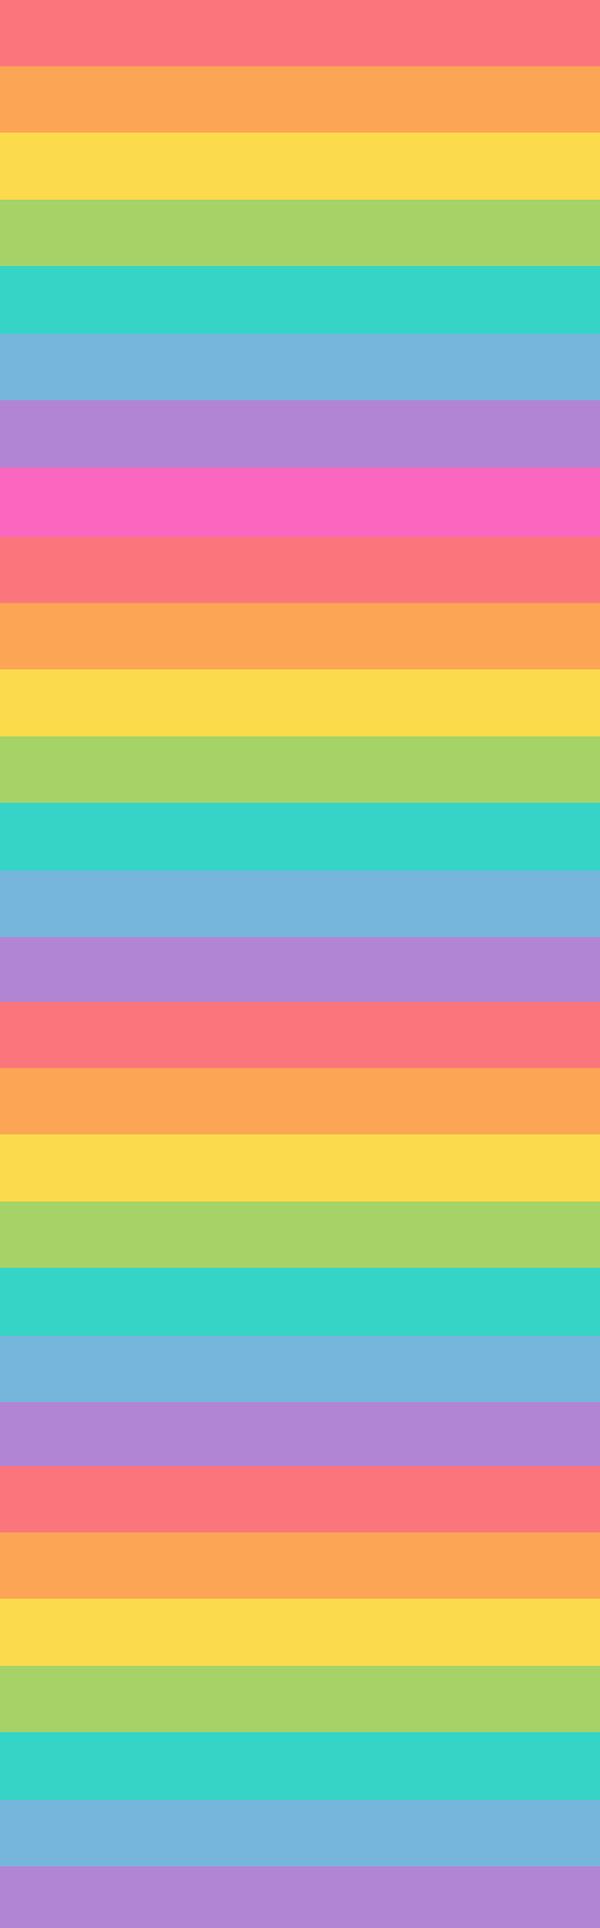 Rainbow BG by Demachic